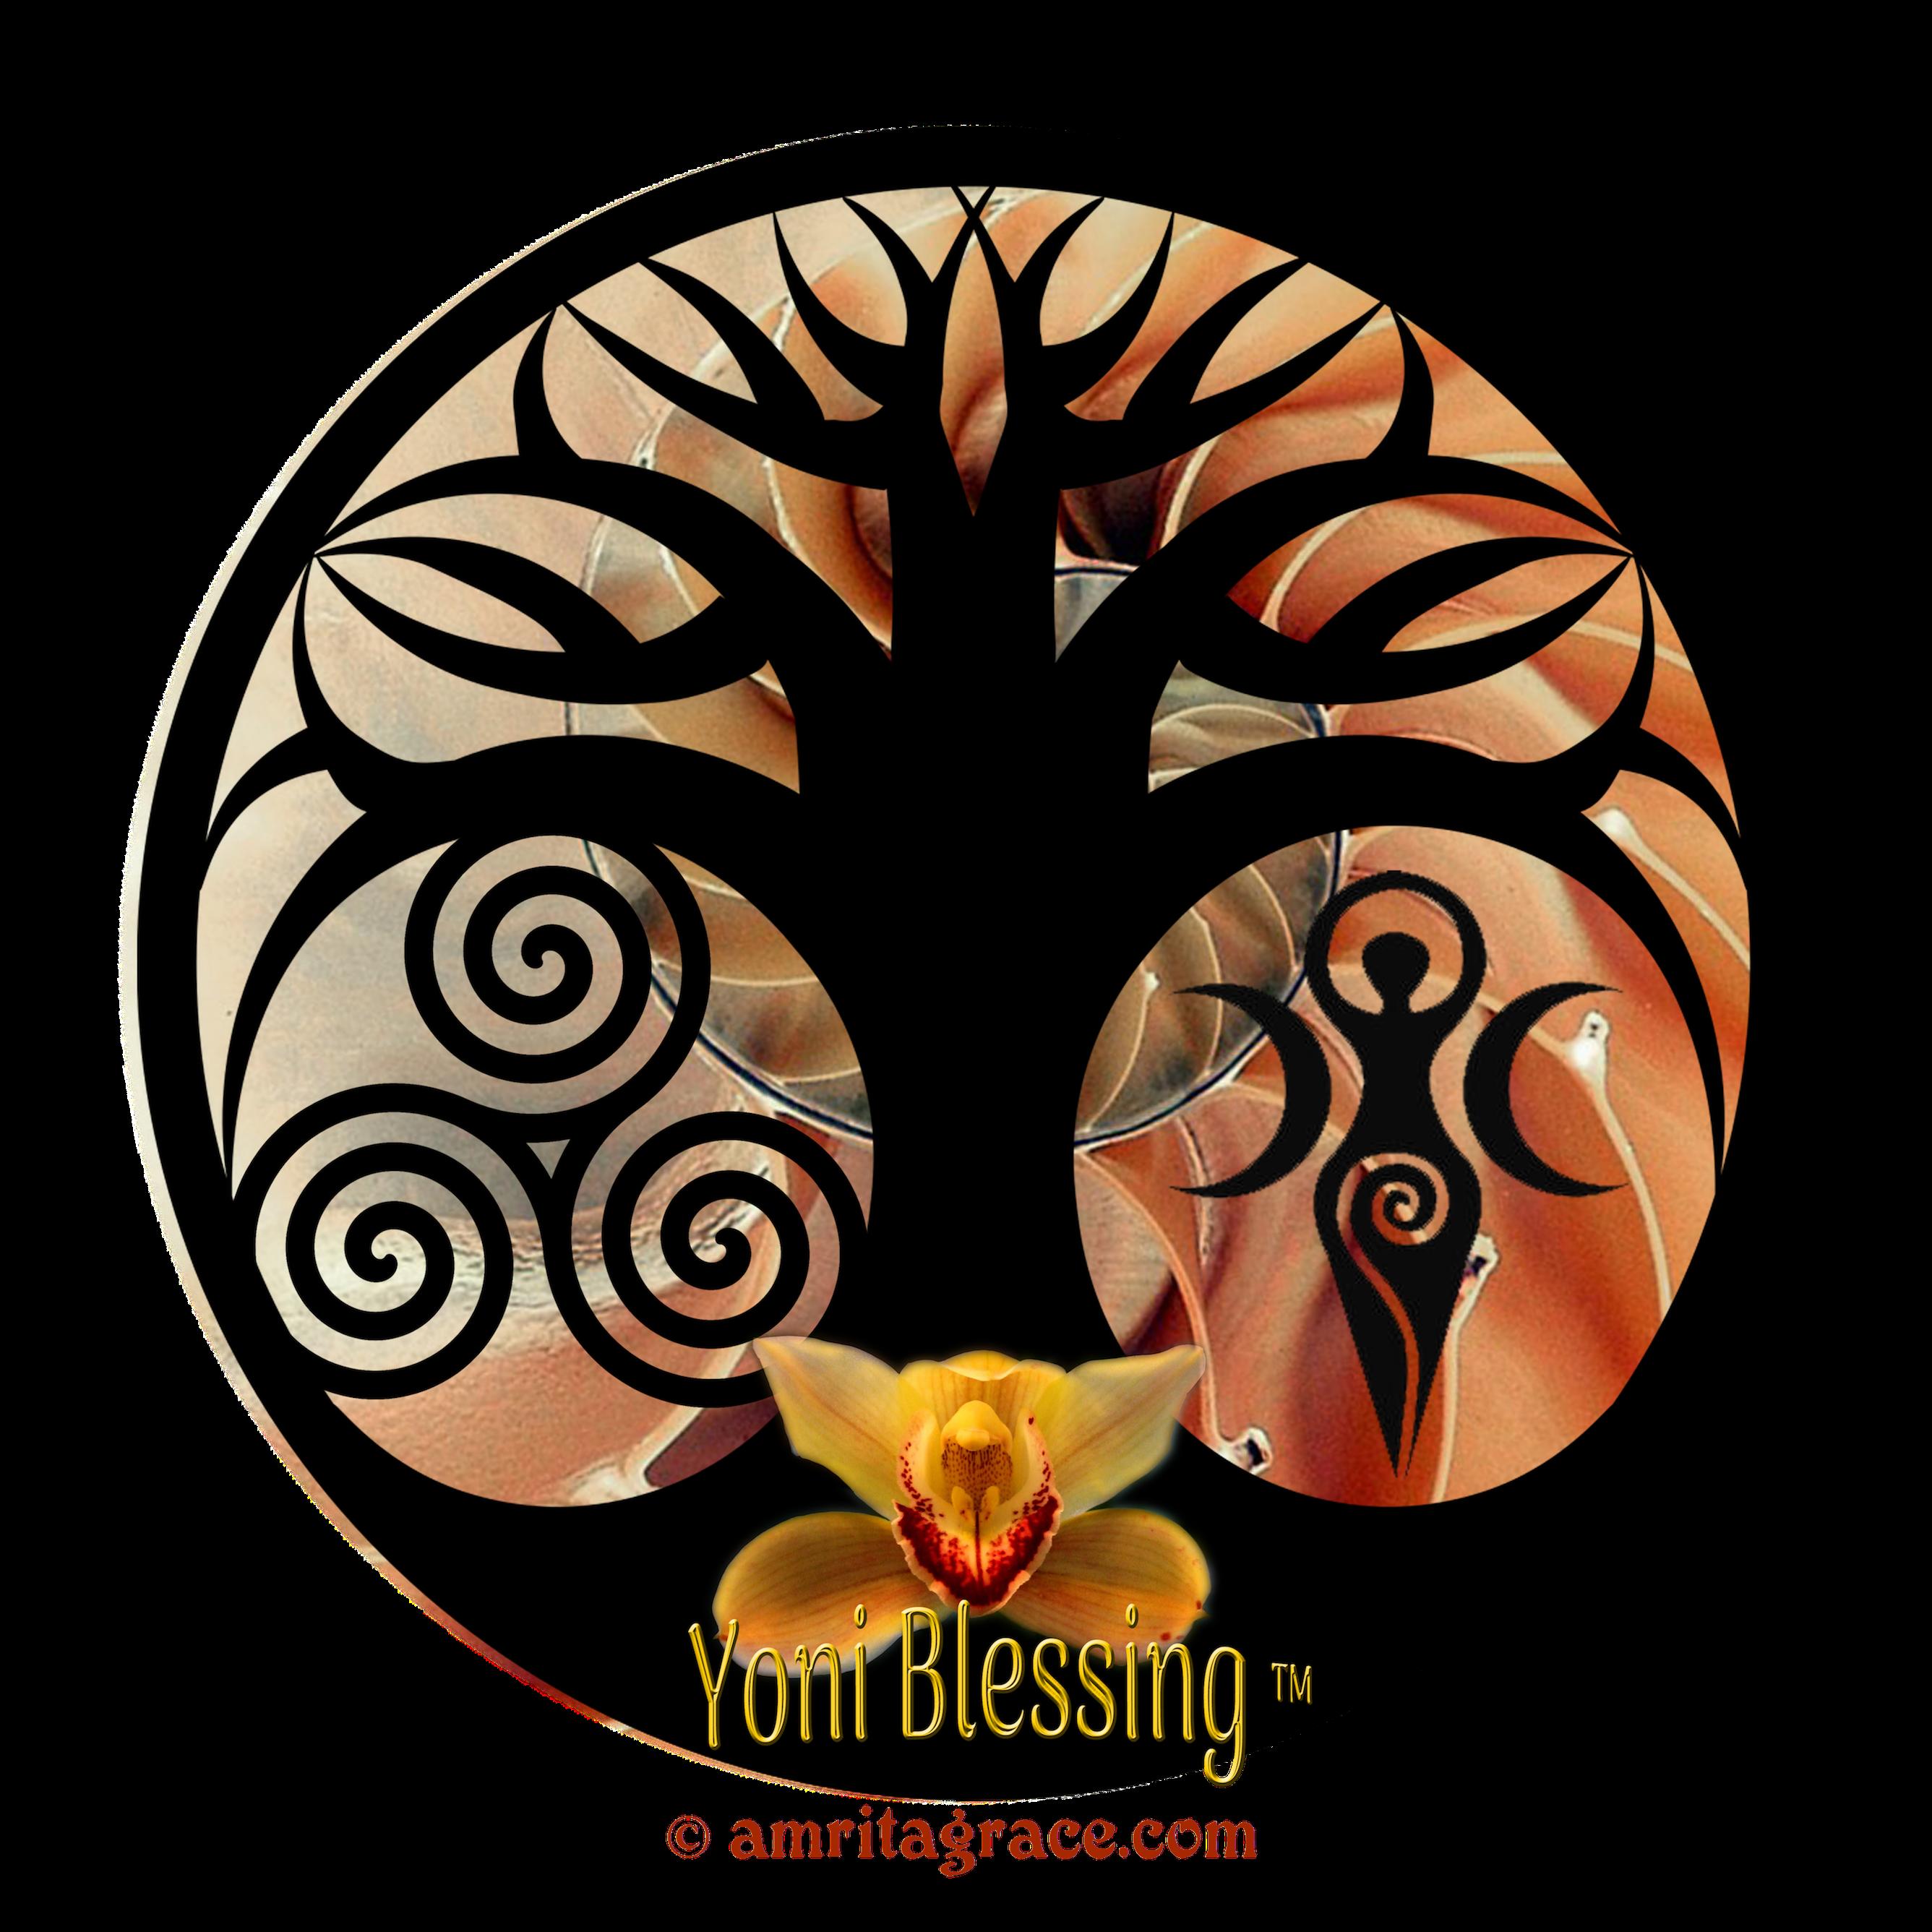 Yoni Blessing